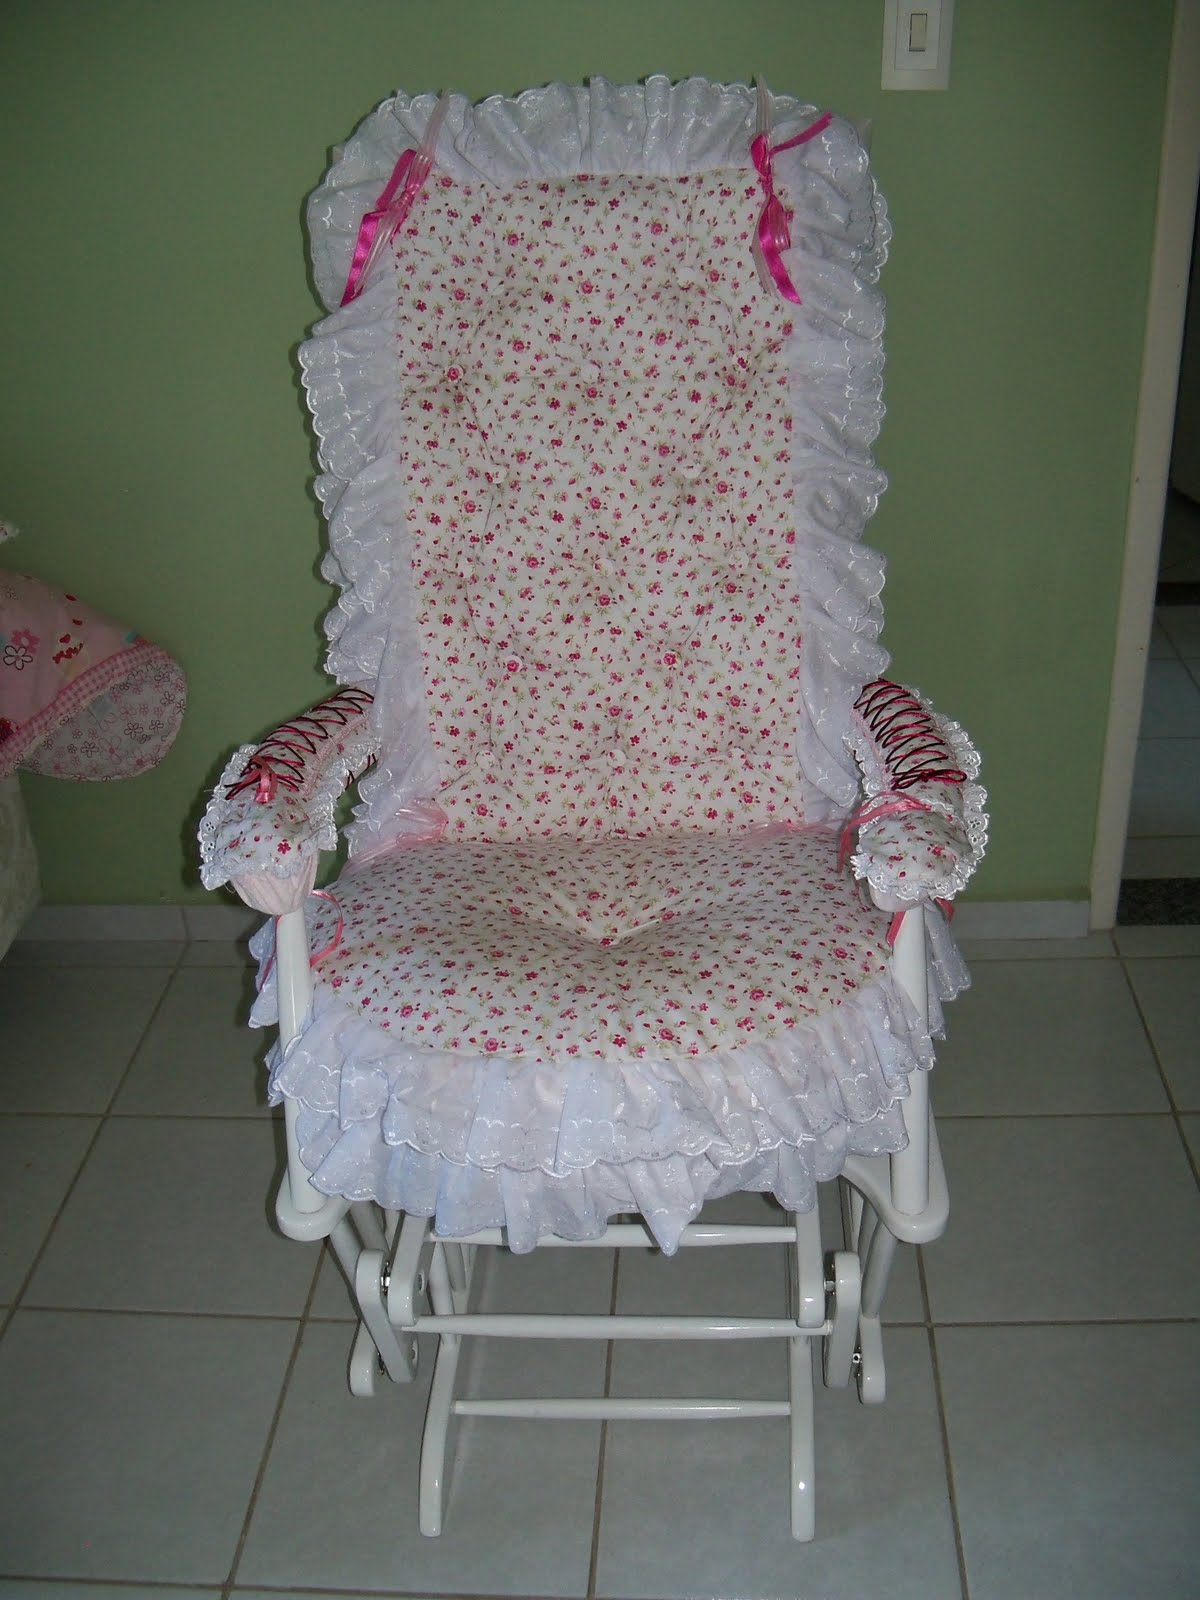 almofadas para cadeira de amamentar.JPG #83485E 1200x1600